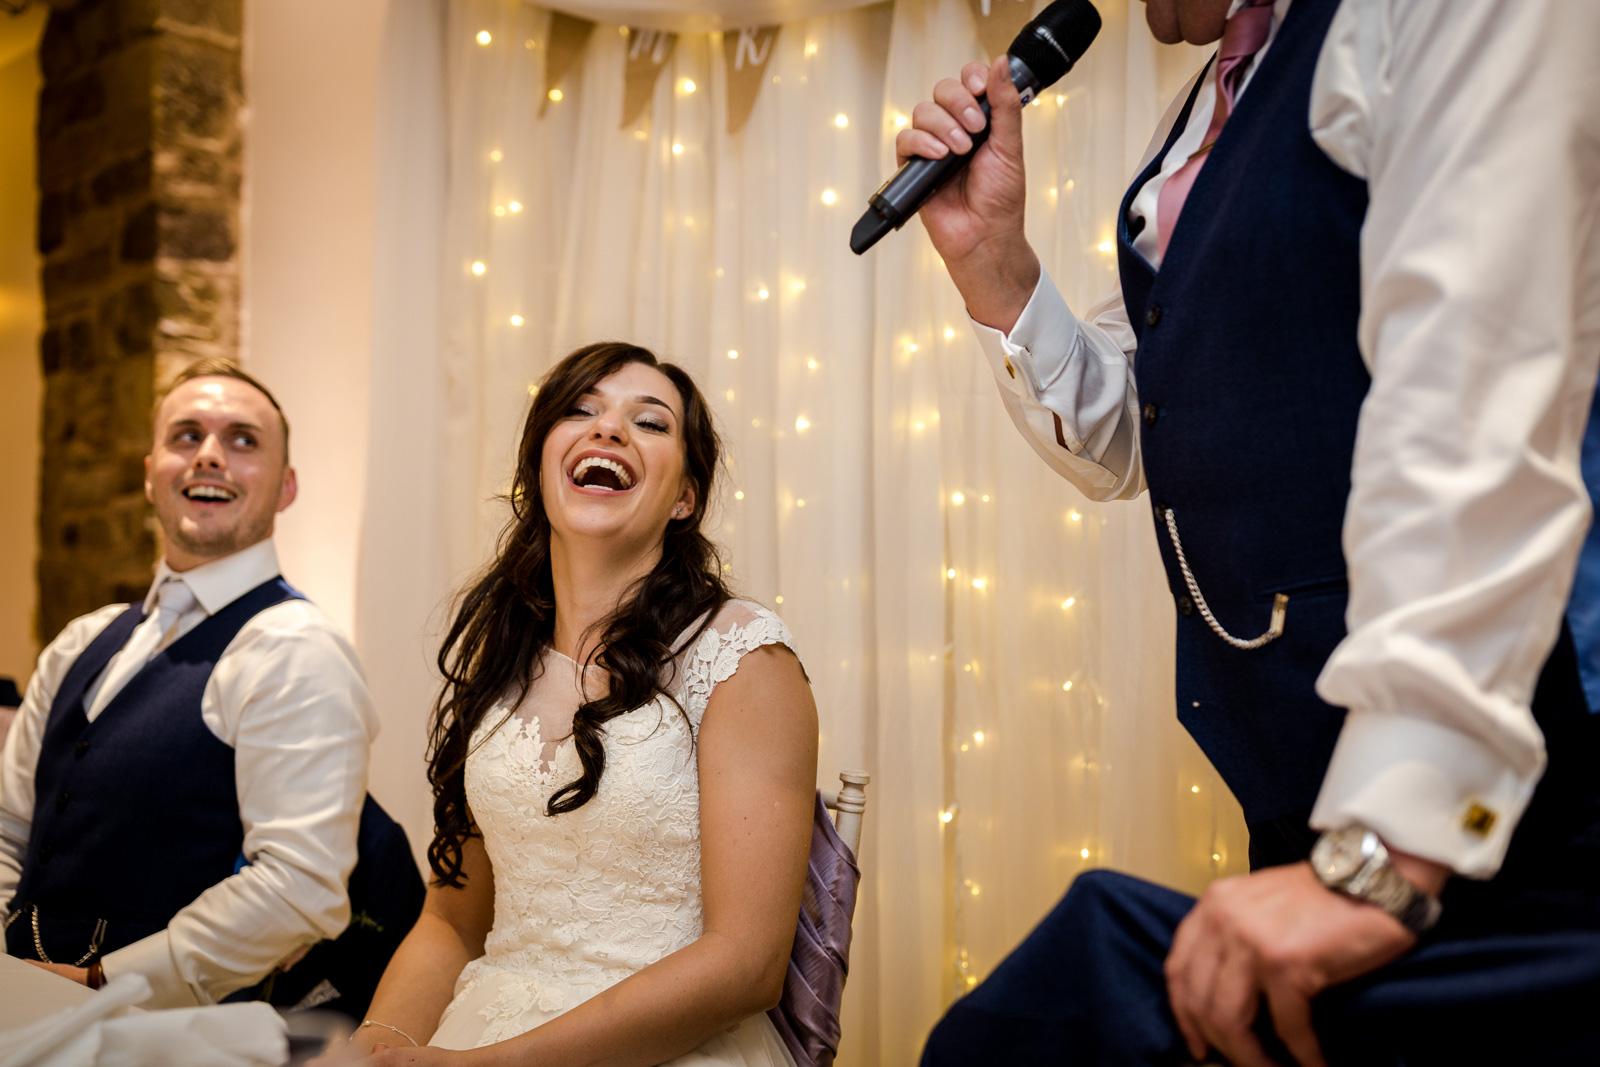 Beeston Manor Wedding Reception in Preston